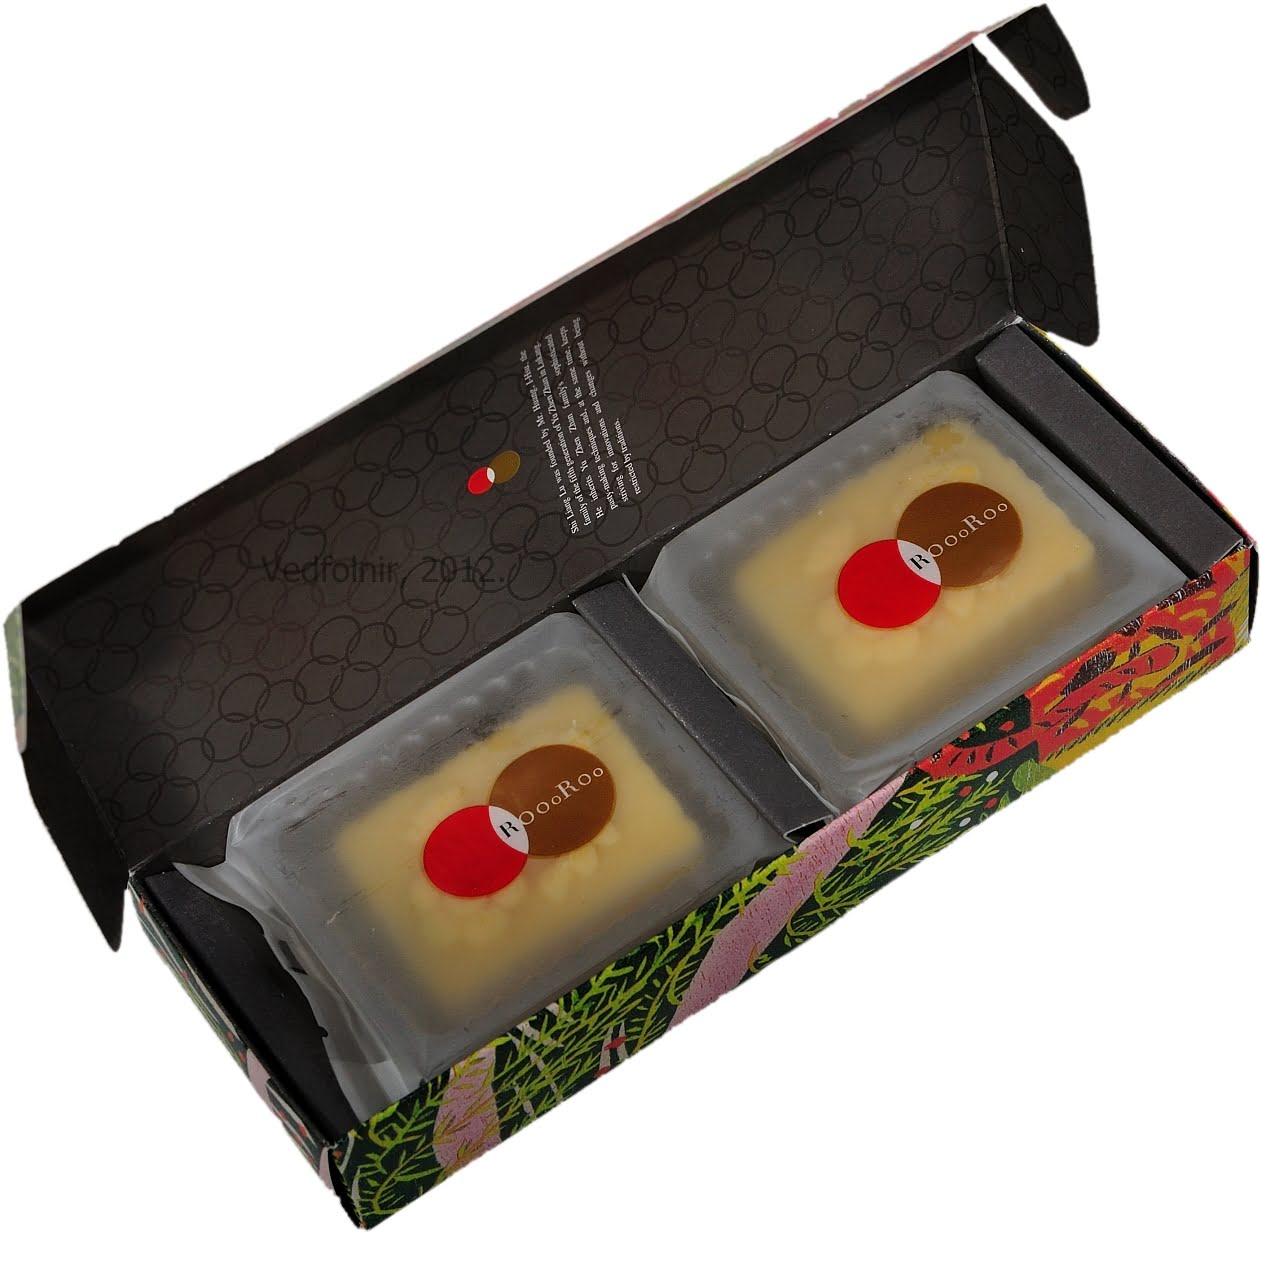 foodimg-roooroo-cake-biscuit-cookie-snack-什倆漉餅行-vedfolnir-inside